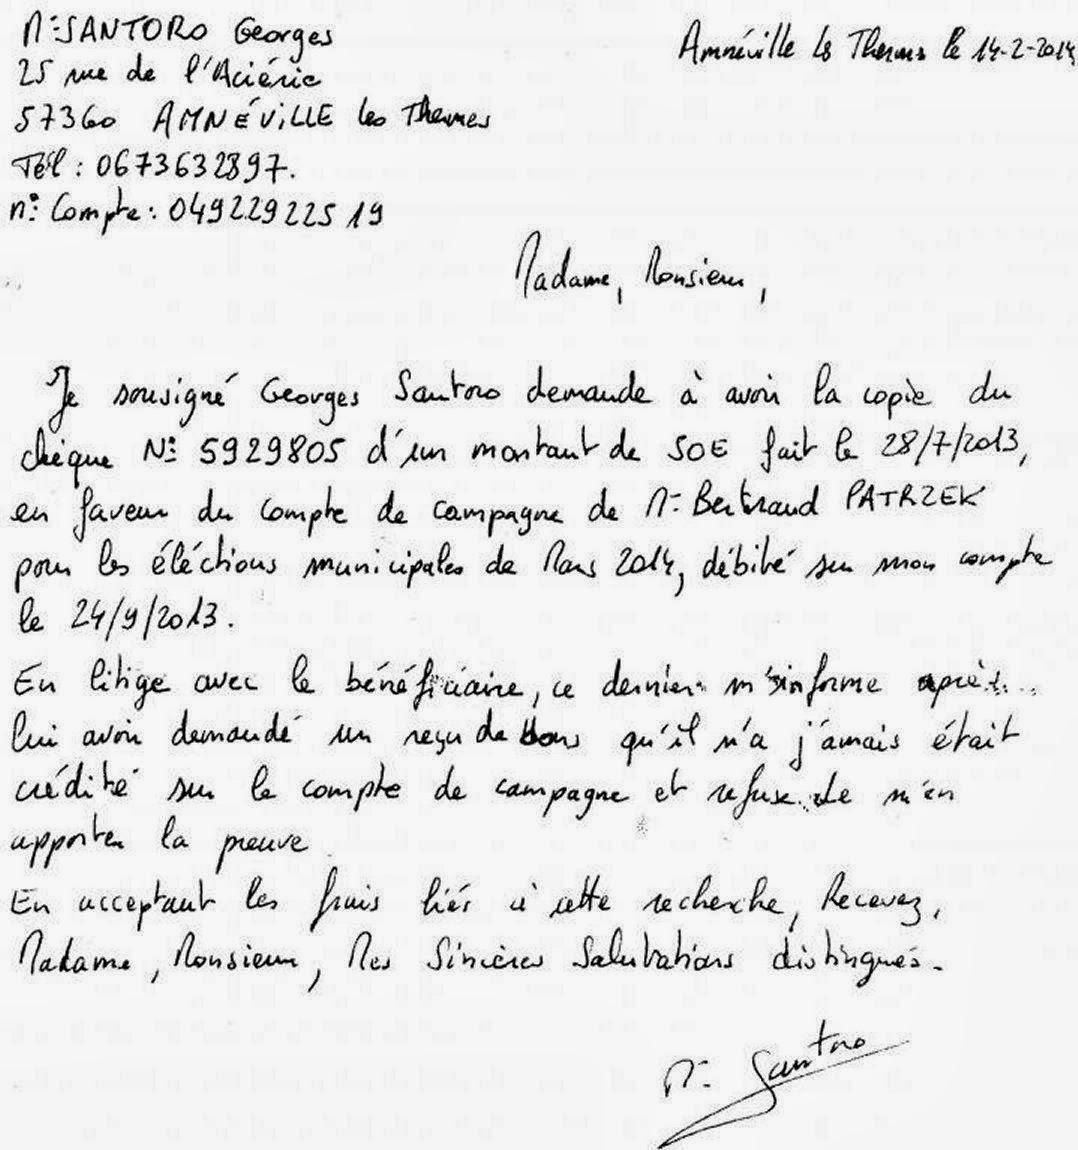 lettre de démission manuscrite ou informatique Amnéville Résistance: Renaissance l'excellence continue lettre de démission manuscrite ou informatique